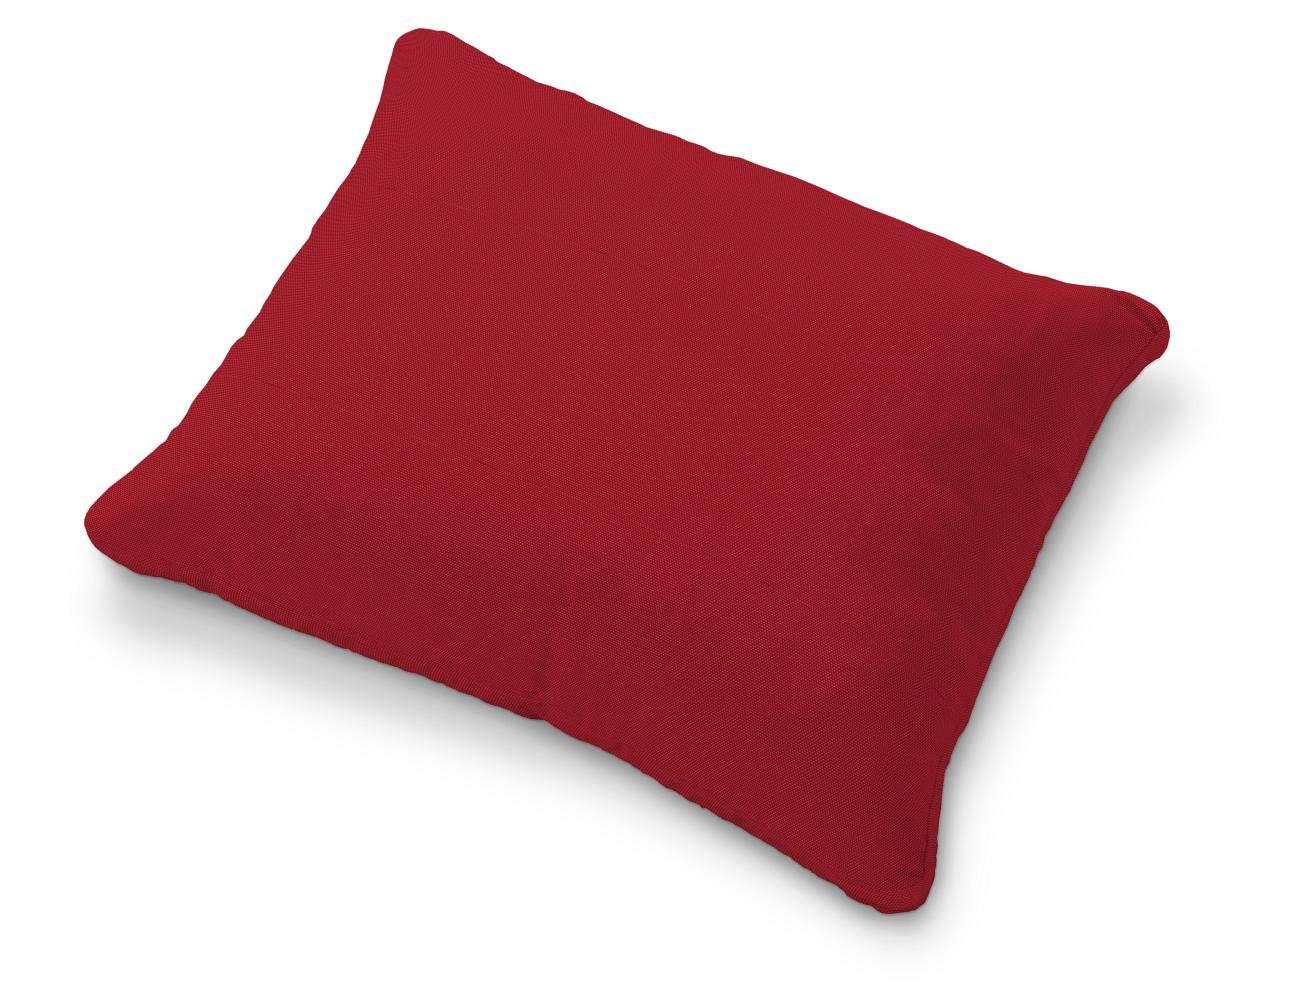 Karlstad pagalvėlės užvalkalas(58 cm x 48 cm) Karlstad pagavėlės užvalkalas 58x48cm kolekcijoje Etna , audinys: 705-60